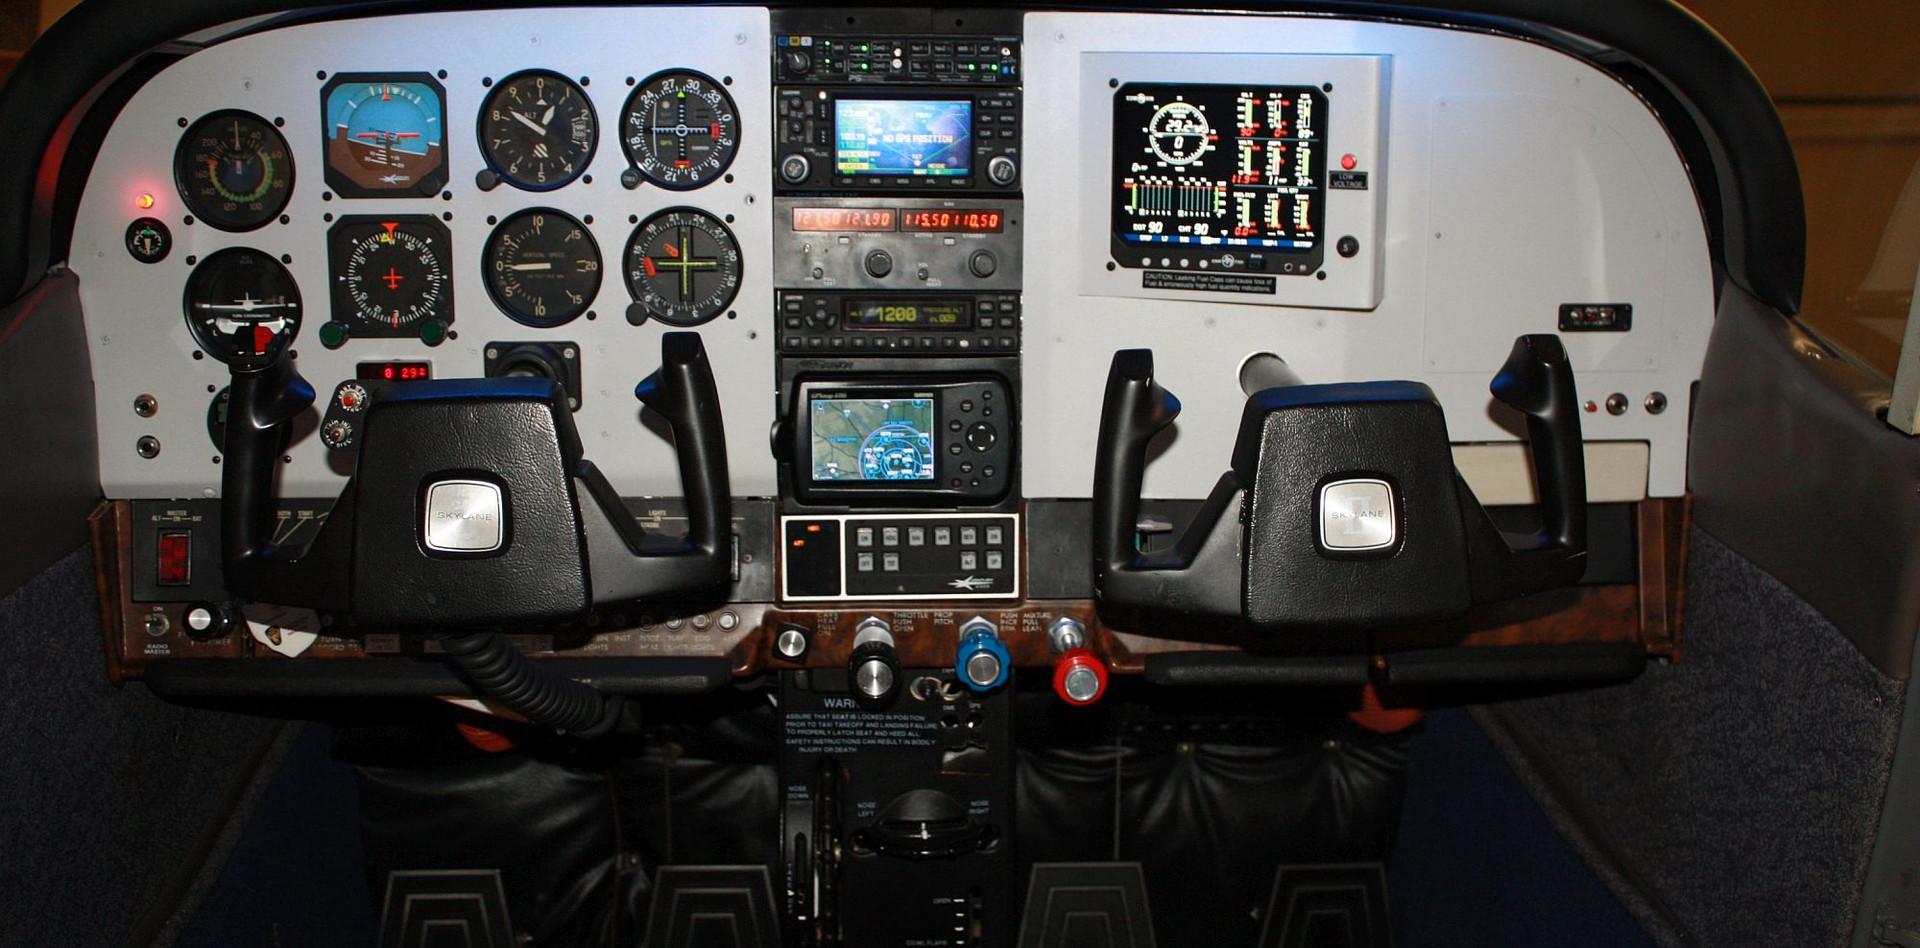 JPI EDM-930